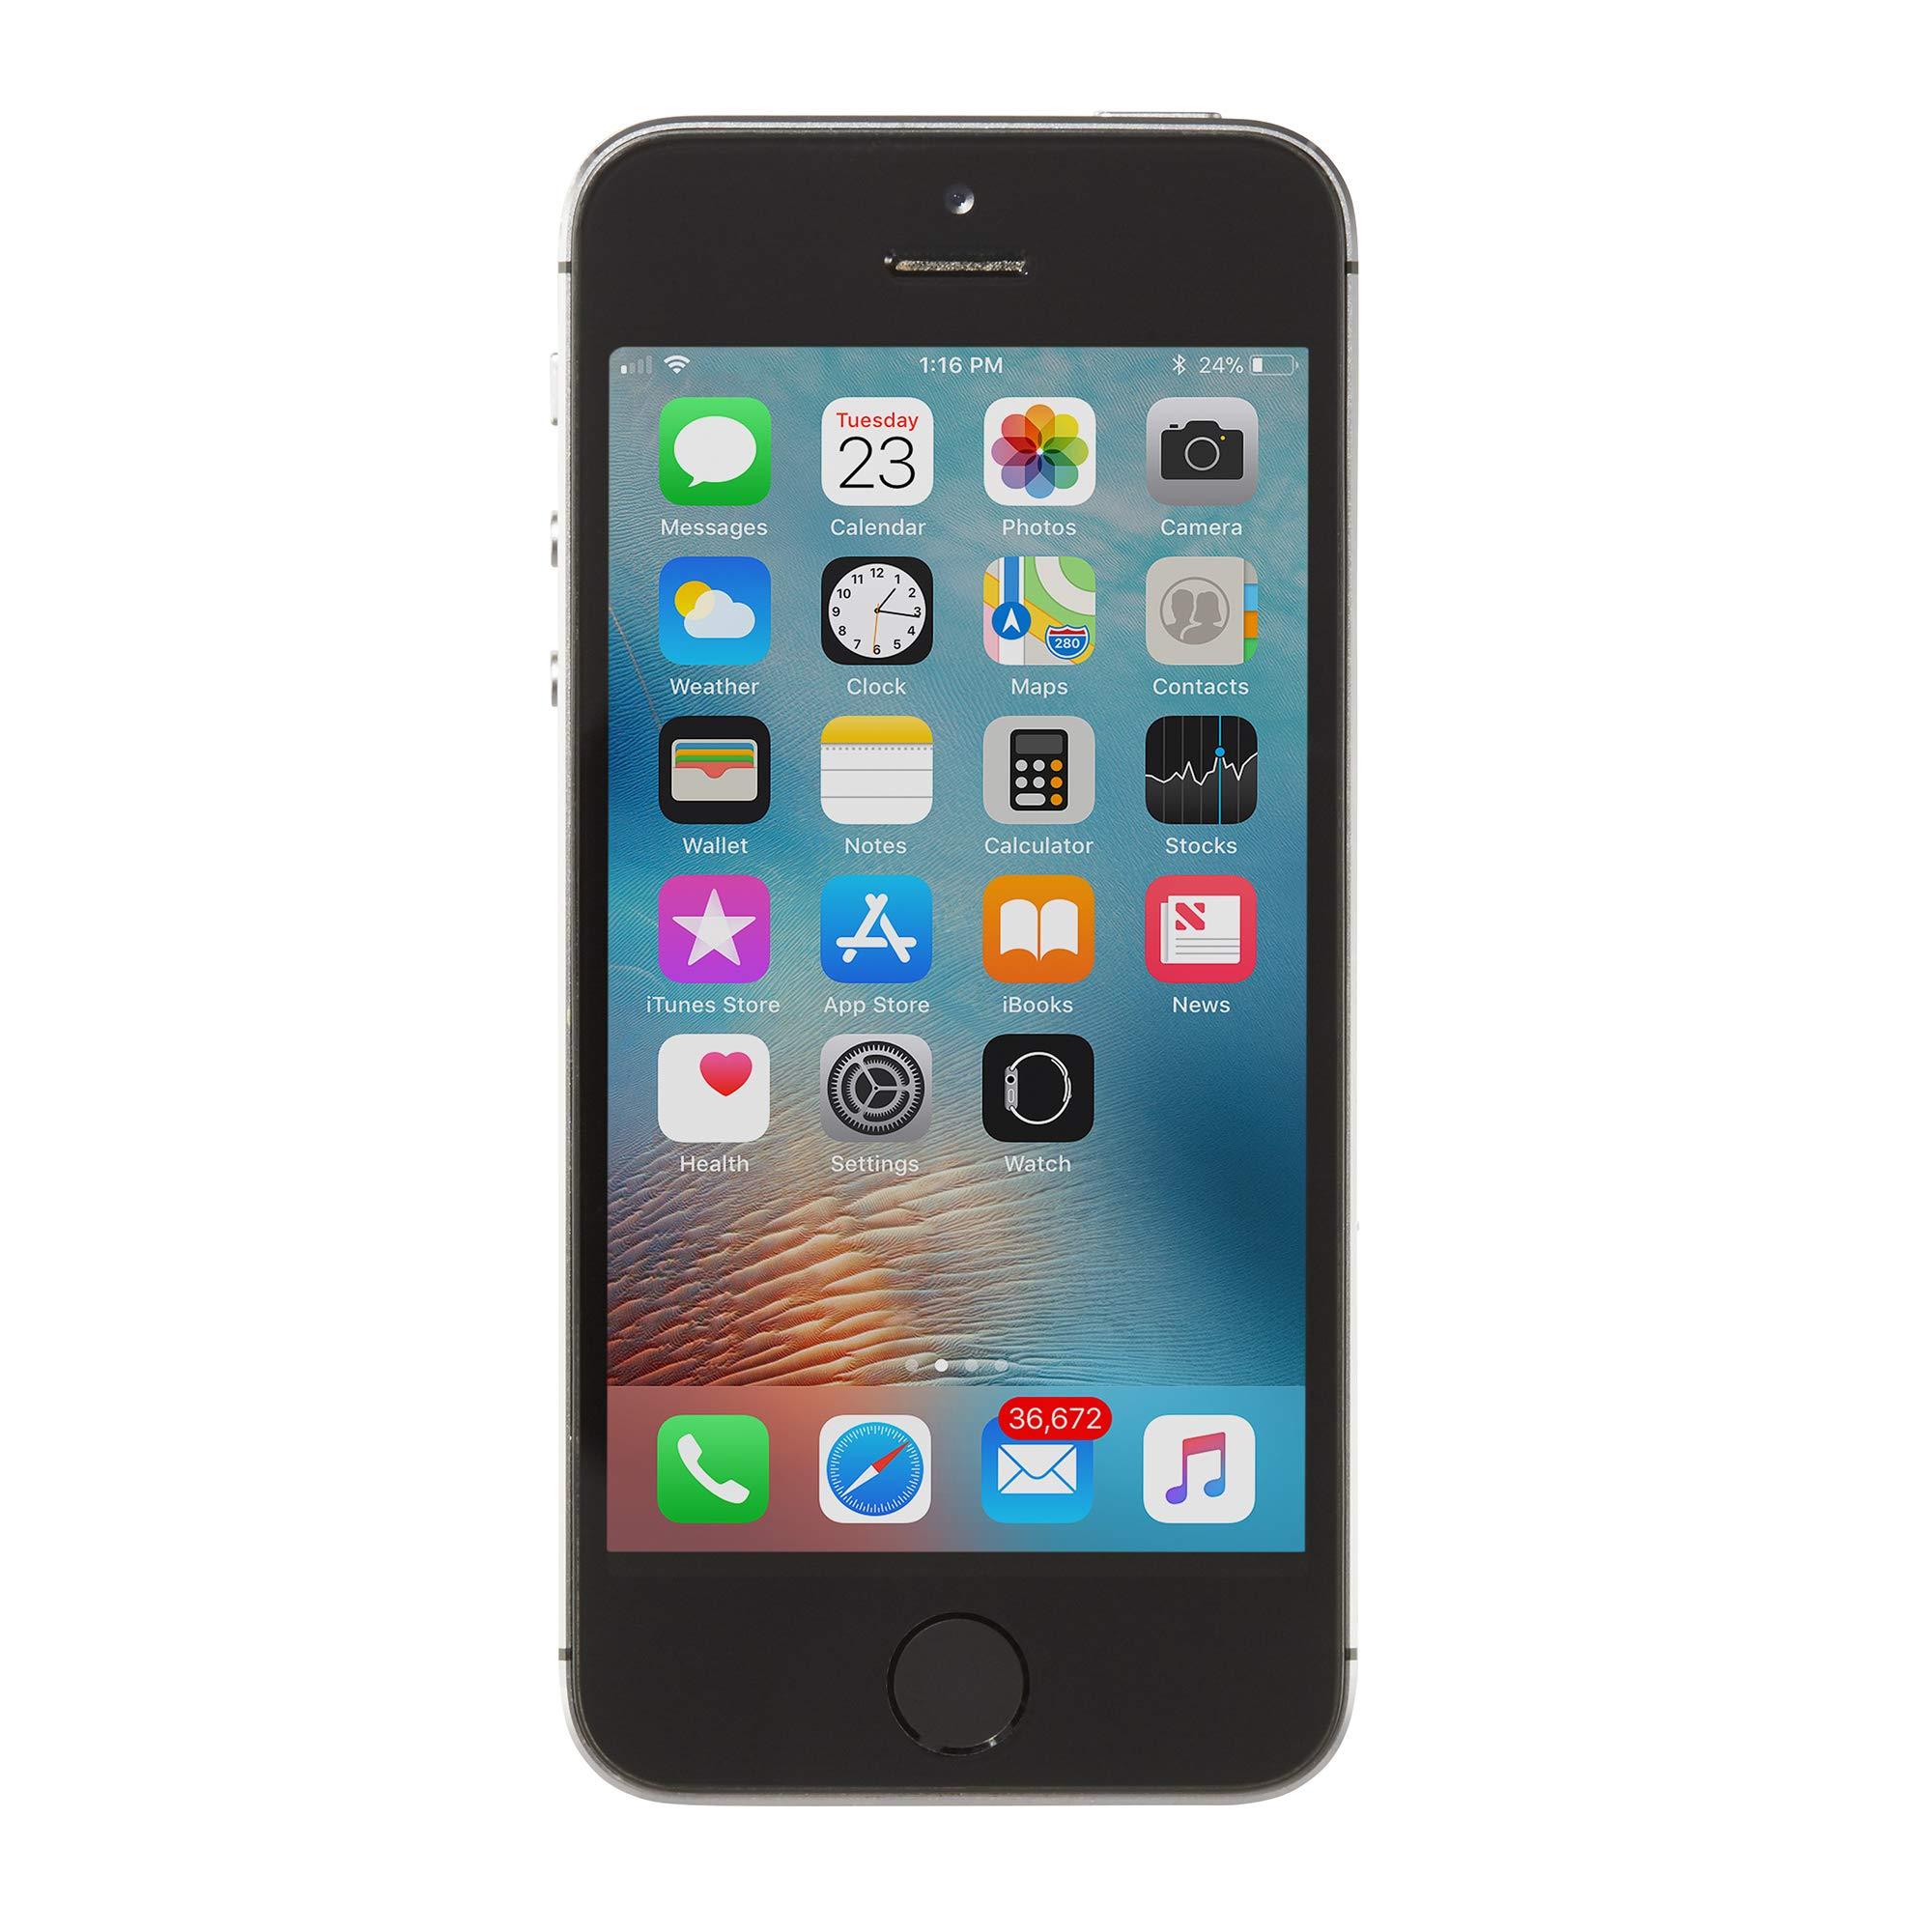 Apple Iphone 5s Amazon